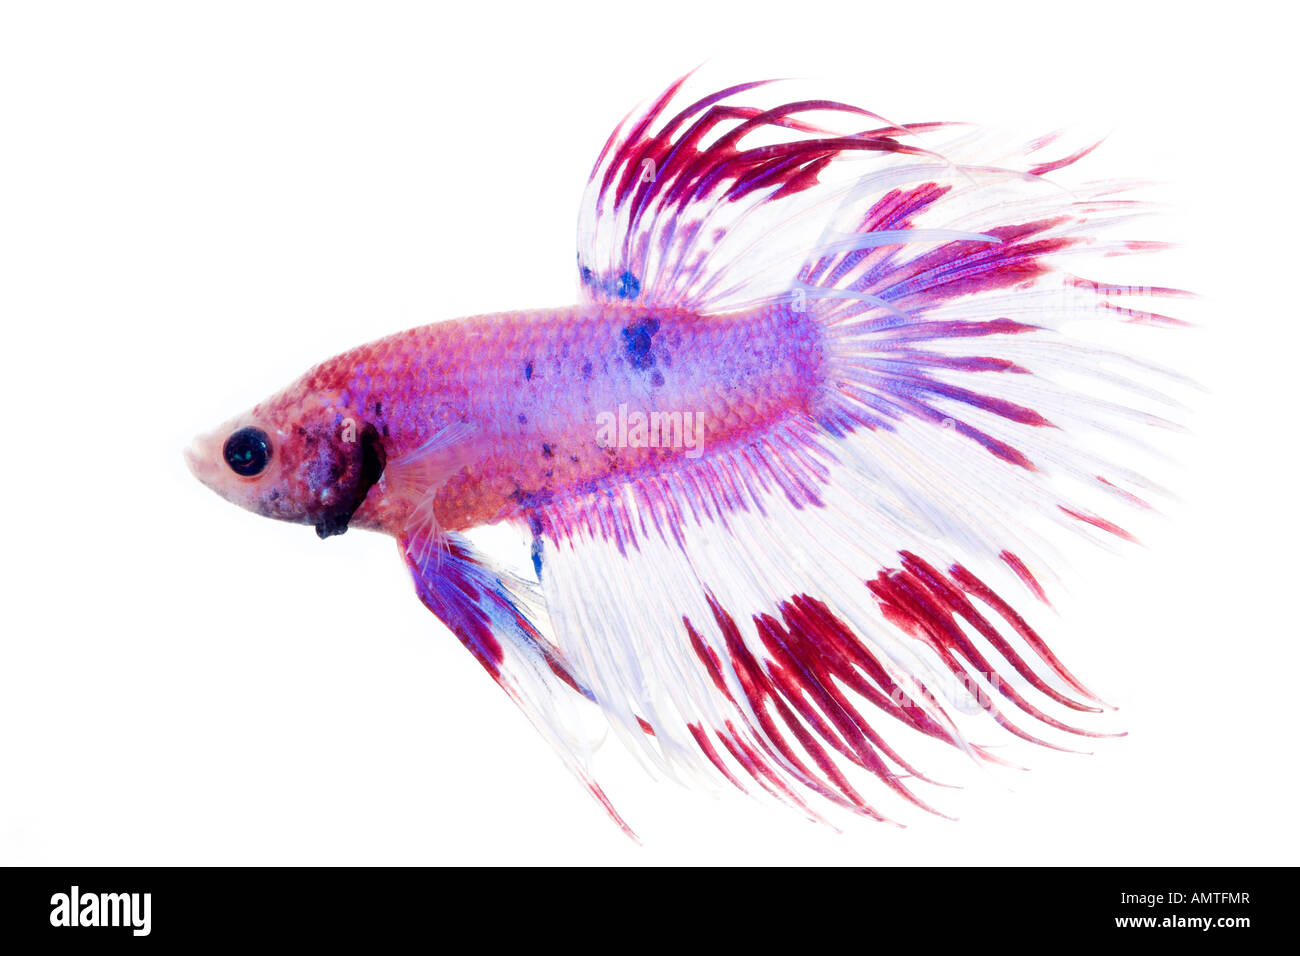 purple and white betta fish